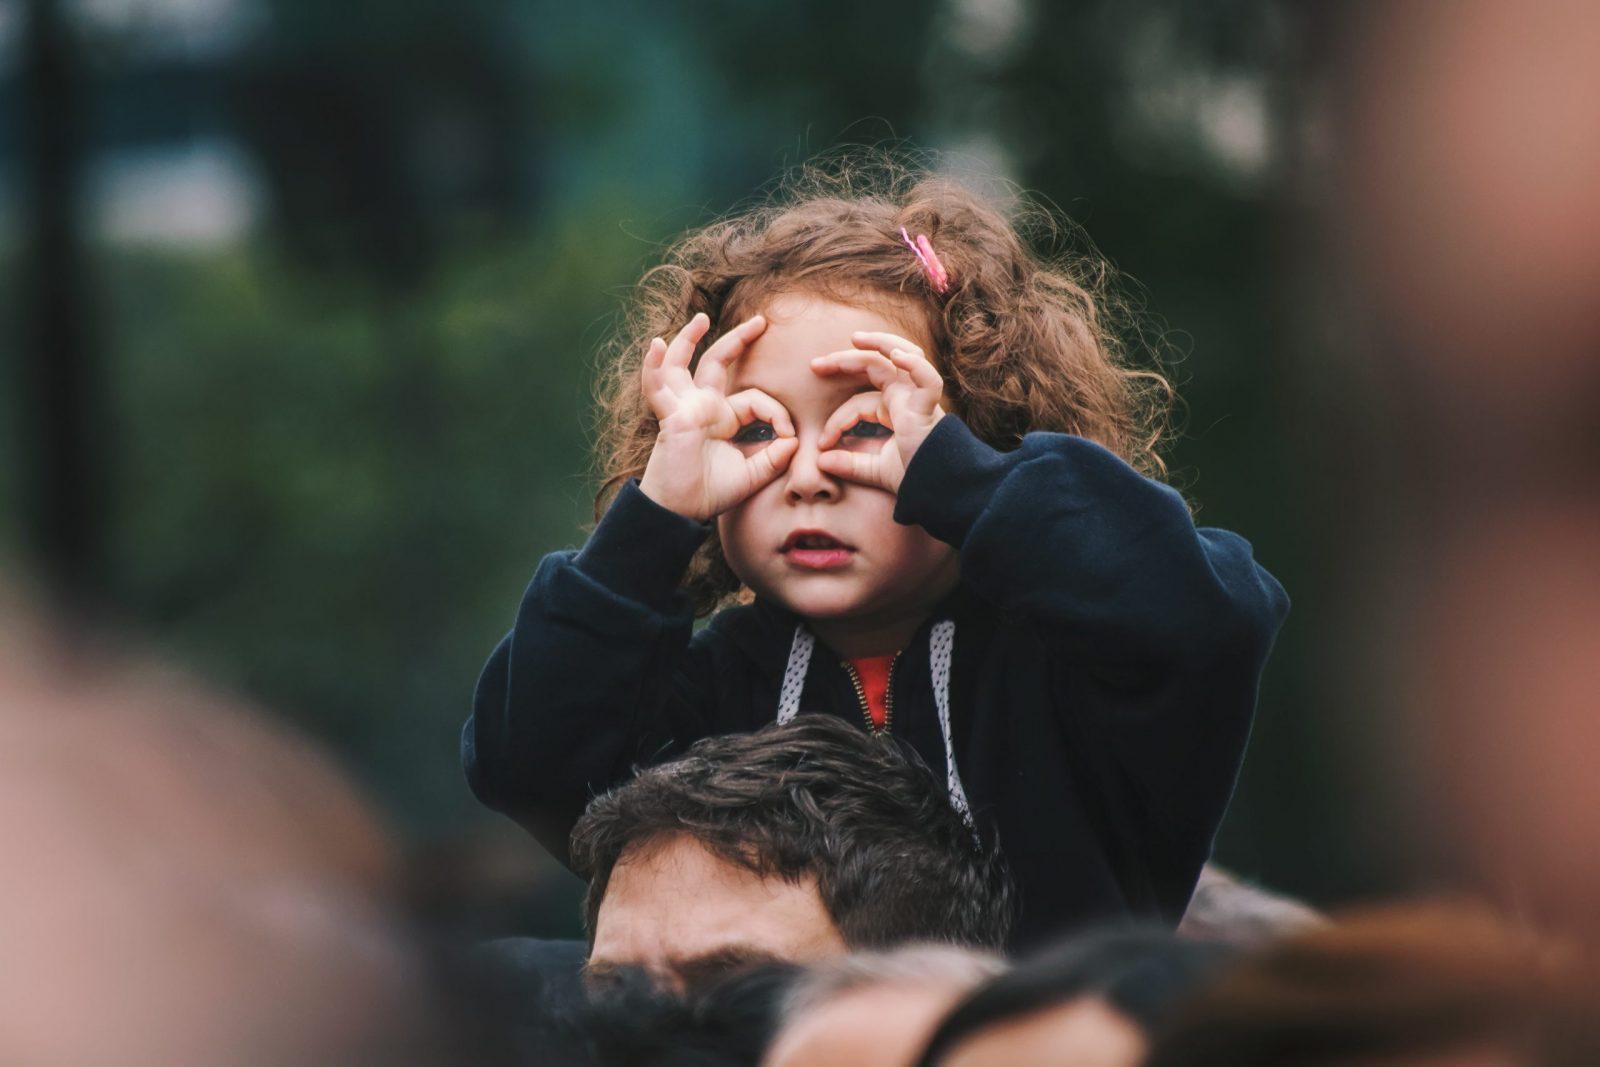 You are currently viewing Как подготовить зрение ребенка к школьным нагрузкам